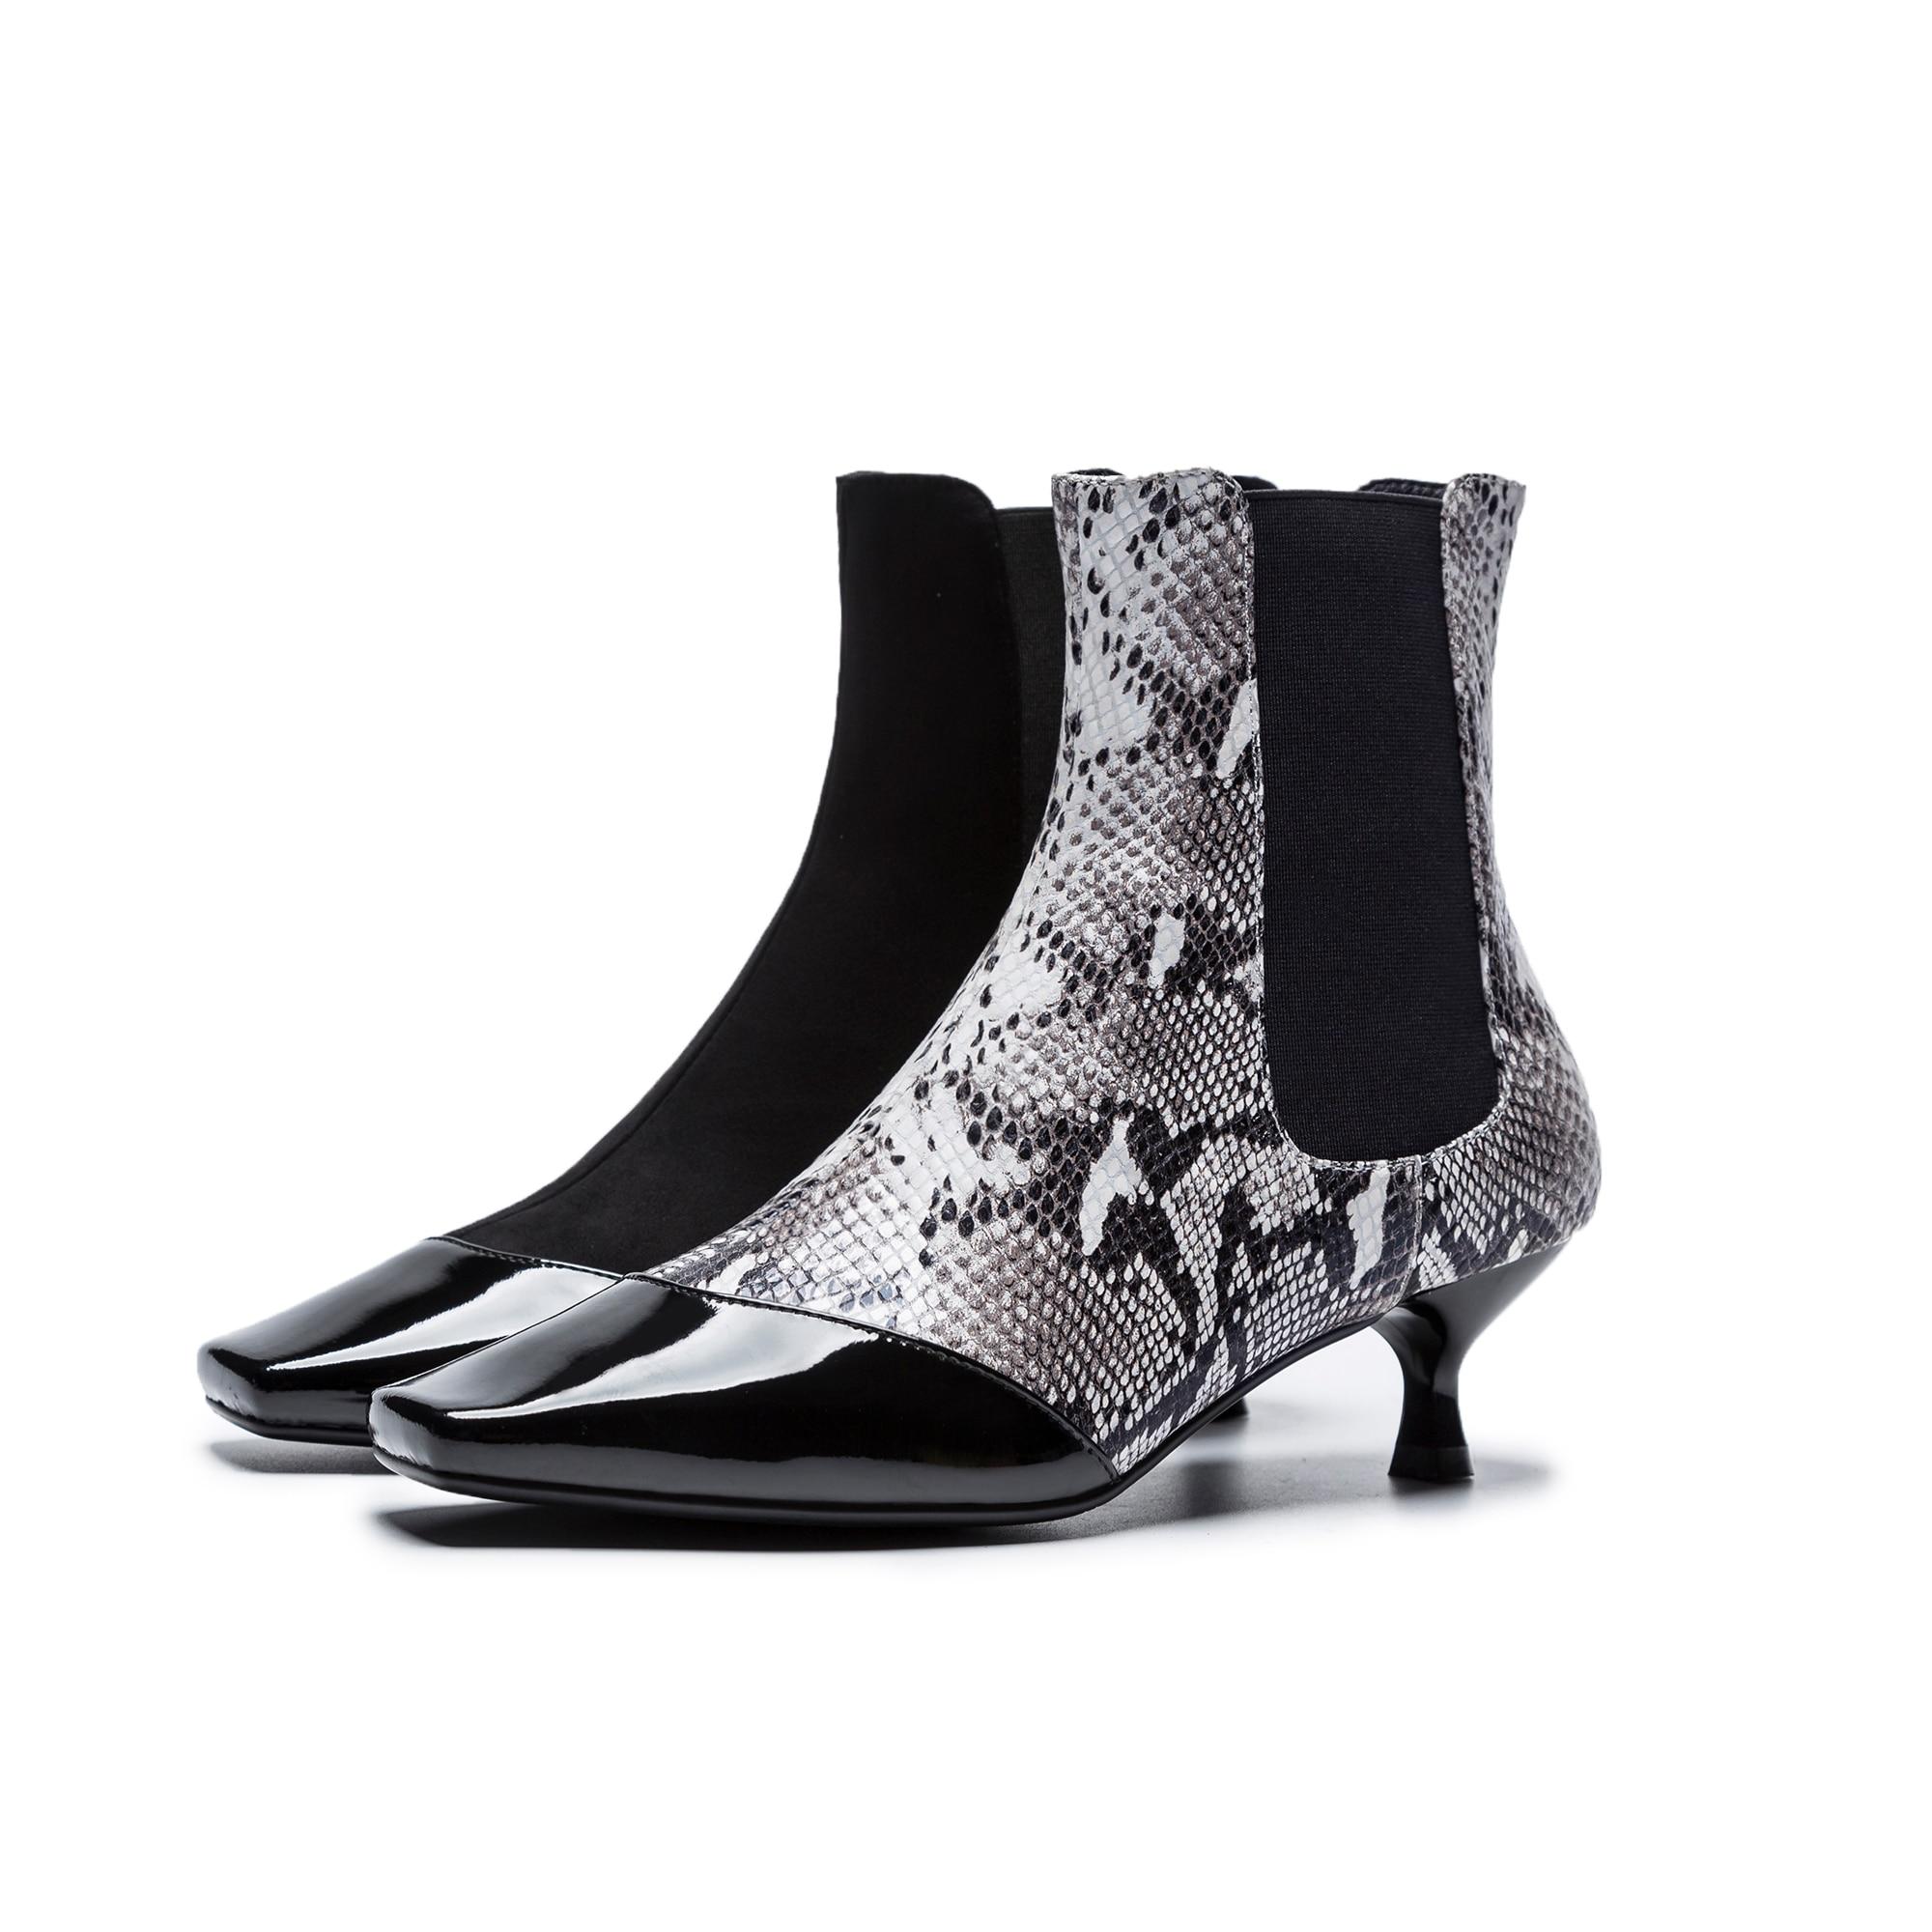 Botines de cuero natural para mujer, botas de gamuza de vaca para mujer, puntadas a mano, botas de tacón perfiladas con patrón de cocodrilo de cabeza cuadrada para mujer